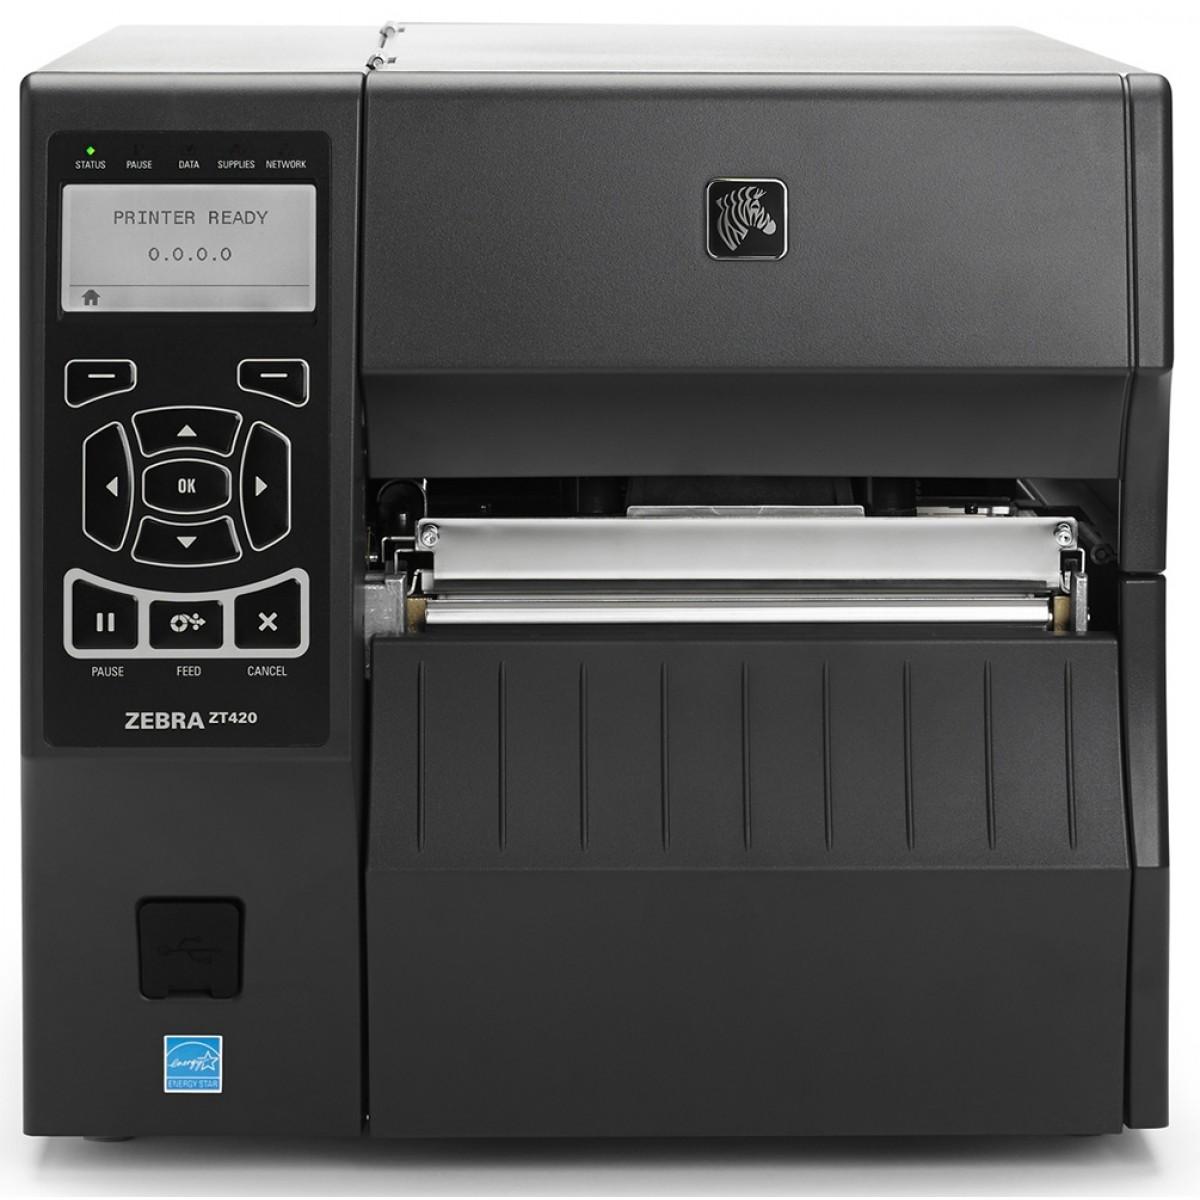 เครื่องพิมพ์บาร์โค้ด Zebra ZT420